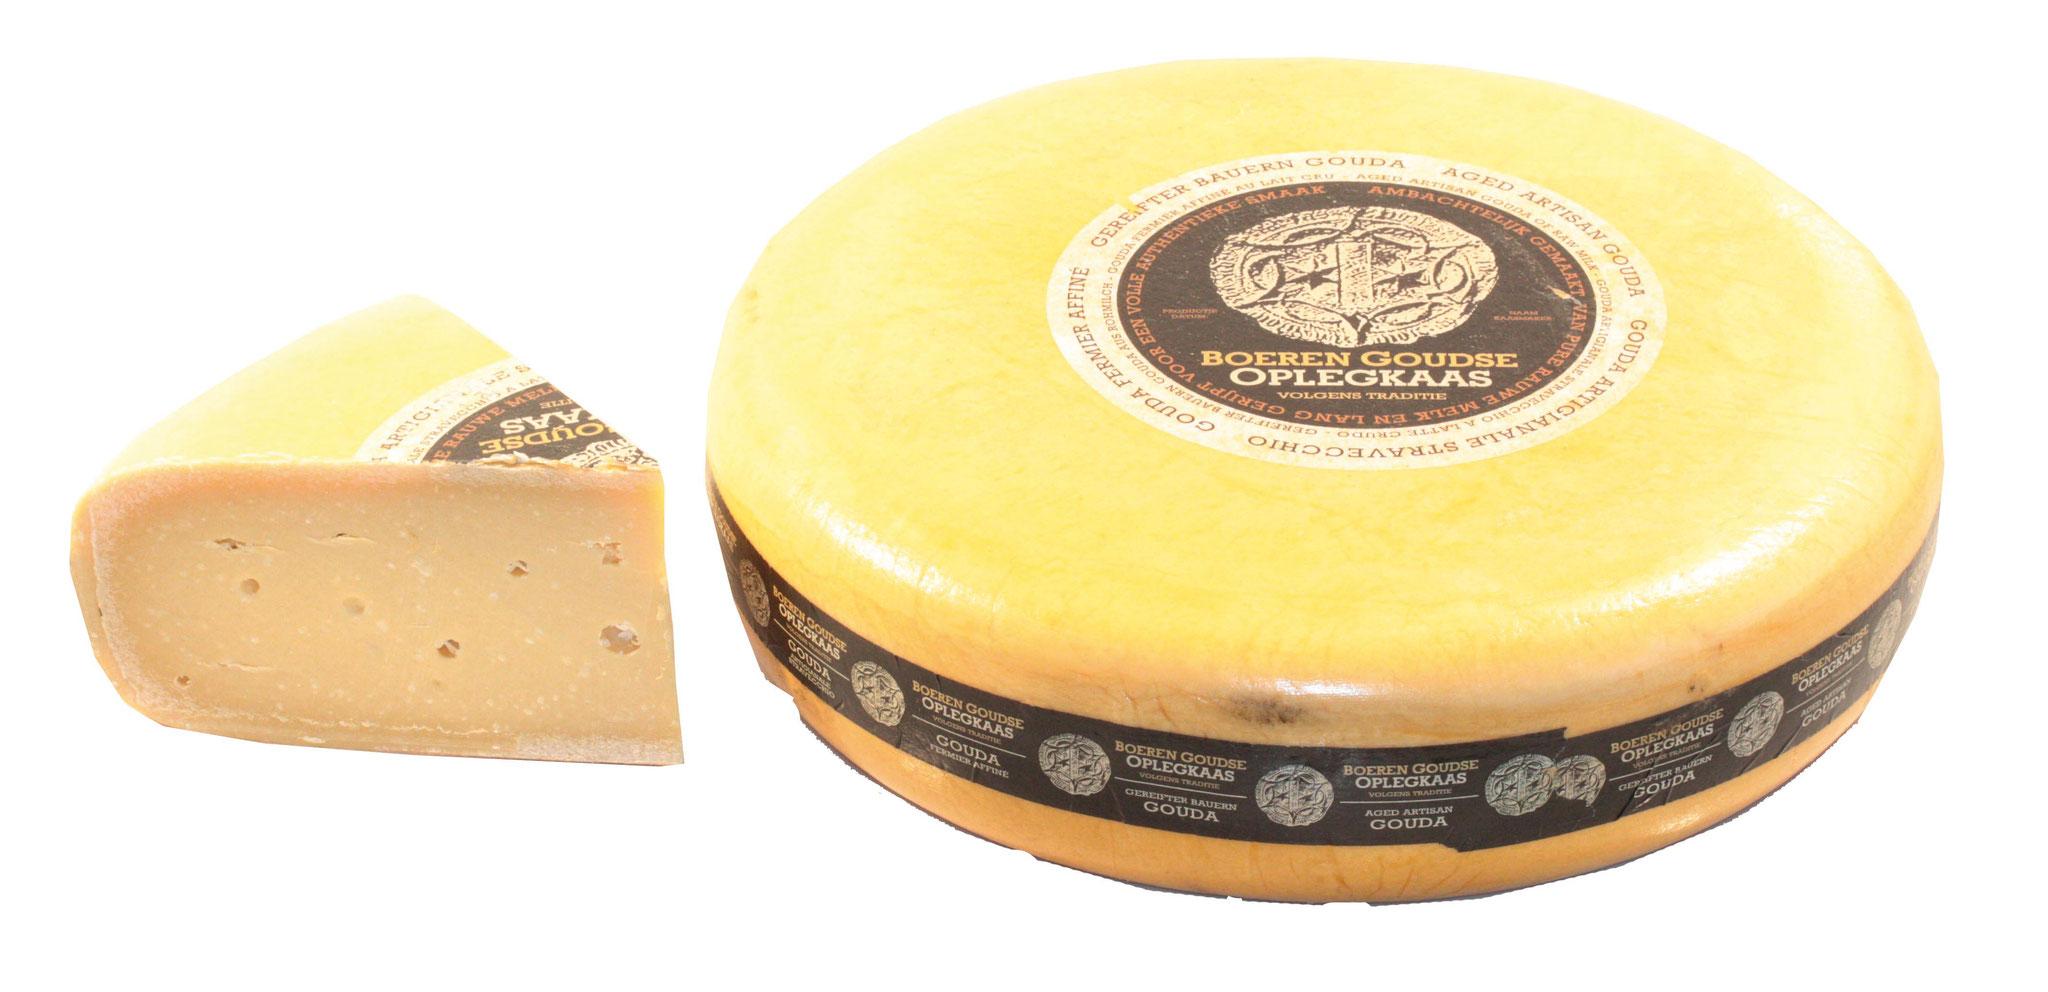 BOEREN GOUDA - Hergestellt aus roher frischer Kuhmilch. Mit Leidenschaft und nach traditionellen Methoden wird die Milch der Kühe auf dem Hof Spruithoeve zu Käse verarbeitet. 12 Monate gereift.